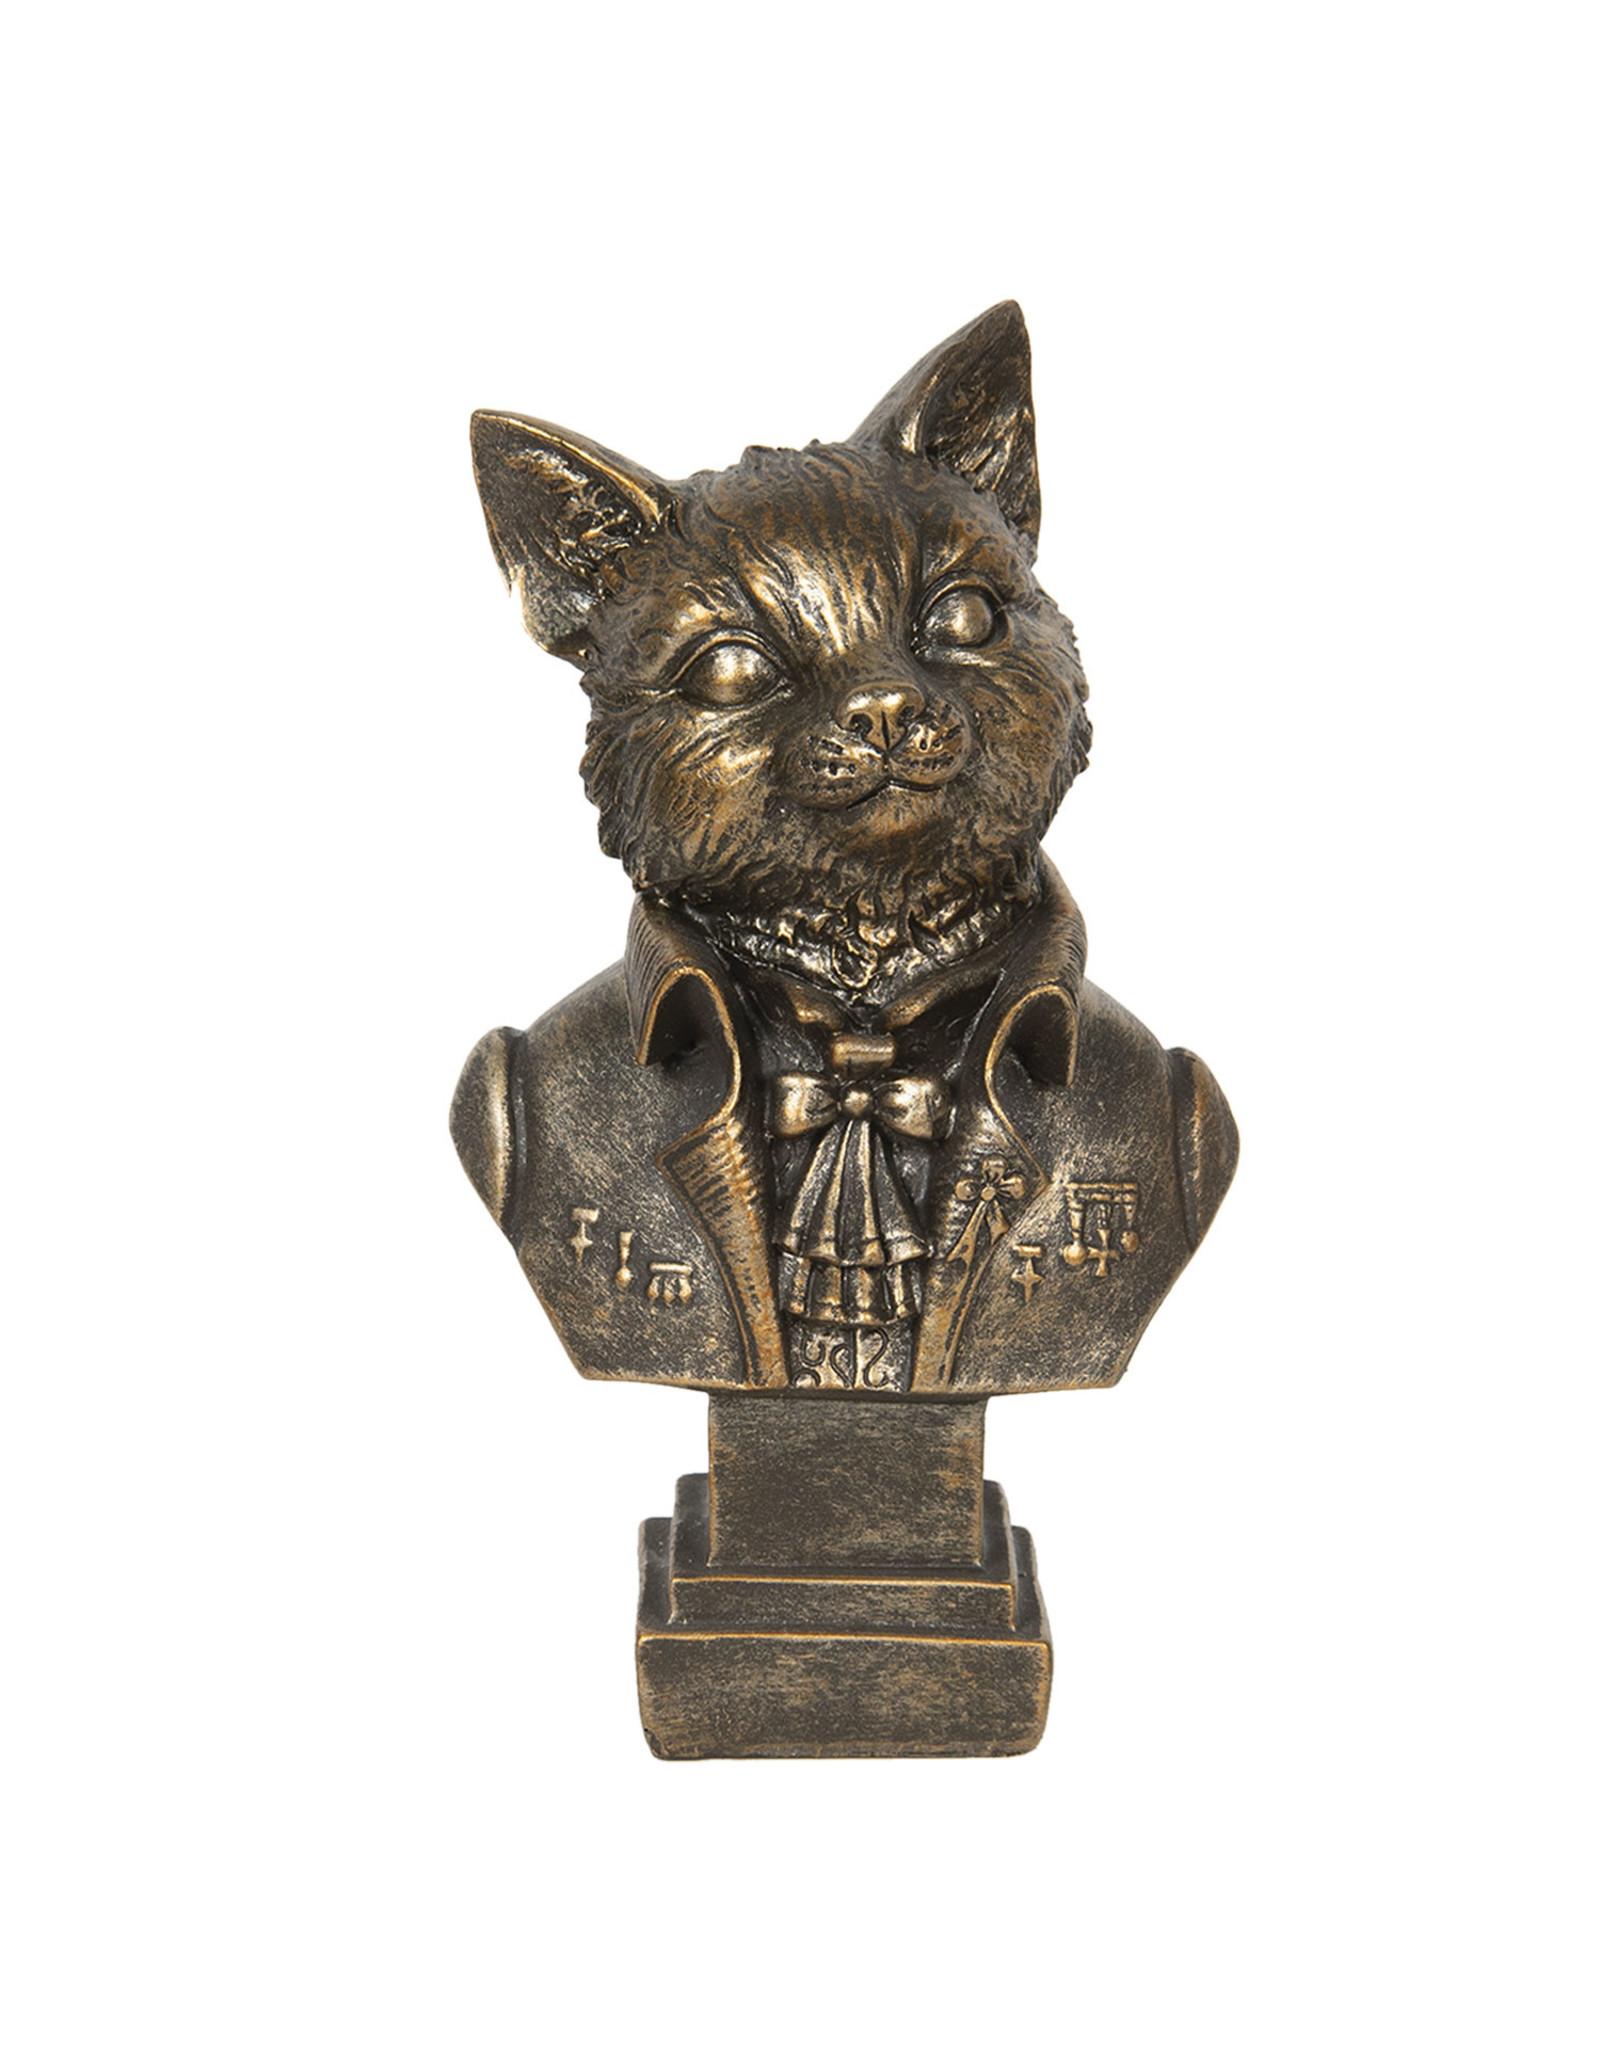 Trukado Giftware Beelden Collectables - Kat aristocraat beeld 24cm (buste)